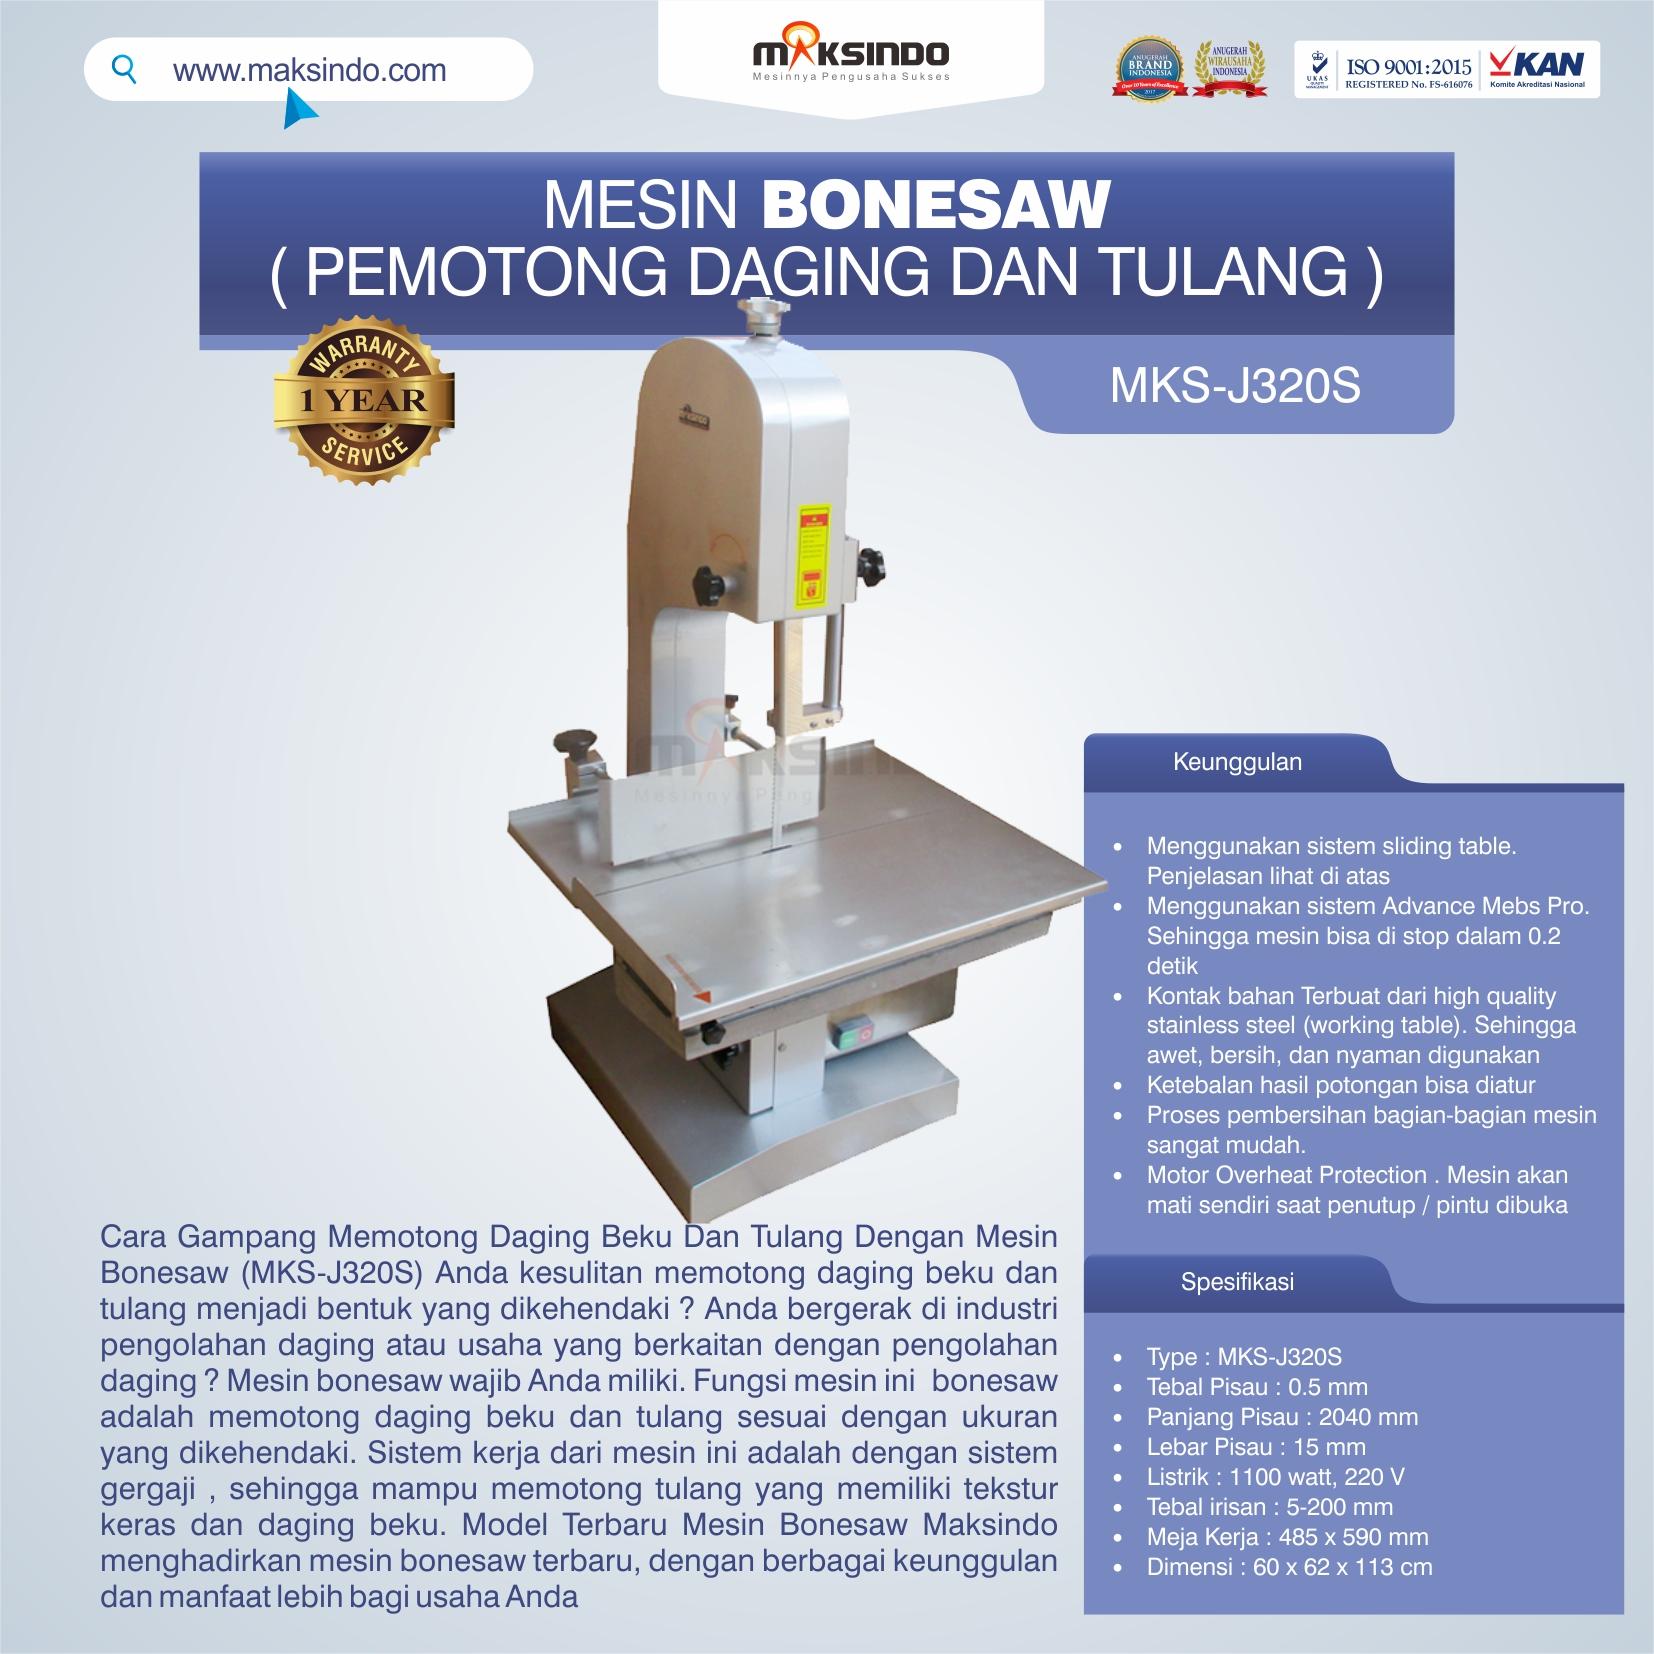 Jual Mesin Bonesaw MKS-J320S (pemotong daging dan tulang) di Medan